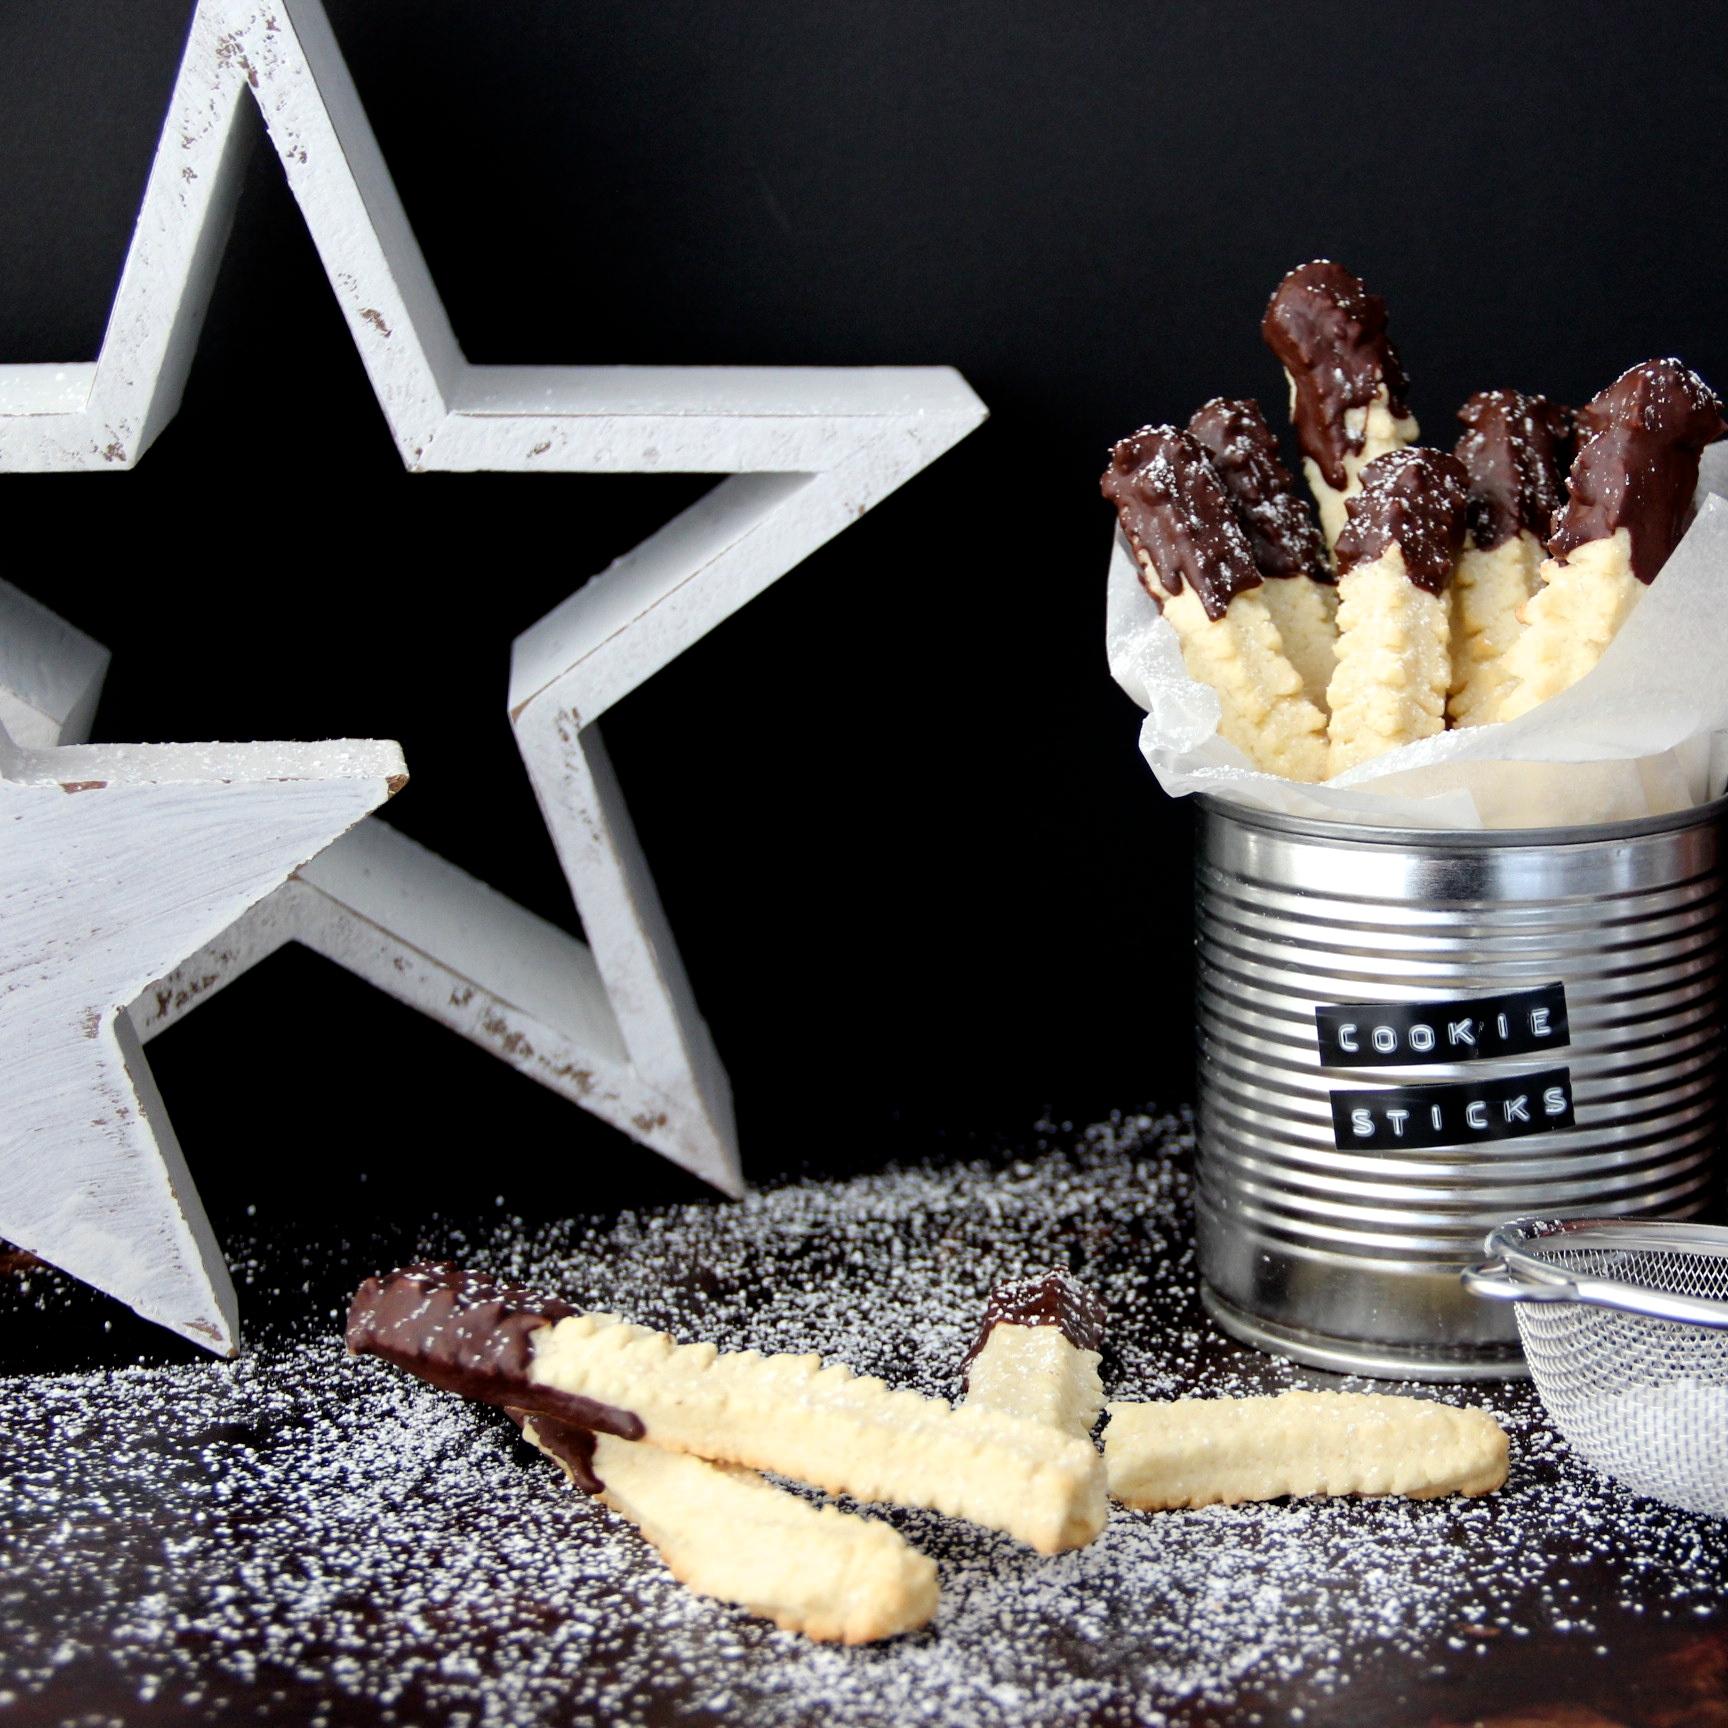 Spritzgebäck einfaches Cookie Sticks Rezept Weihnachten backen Plätzchen